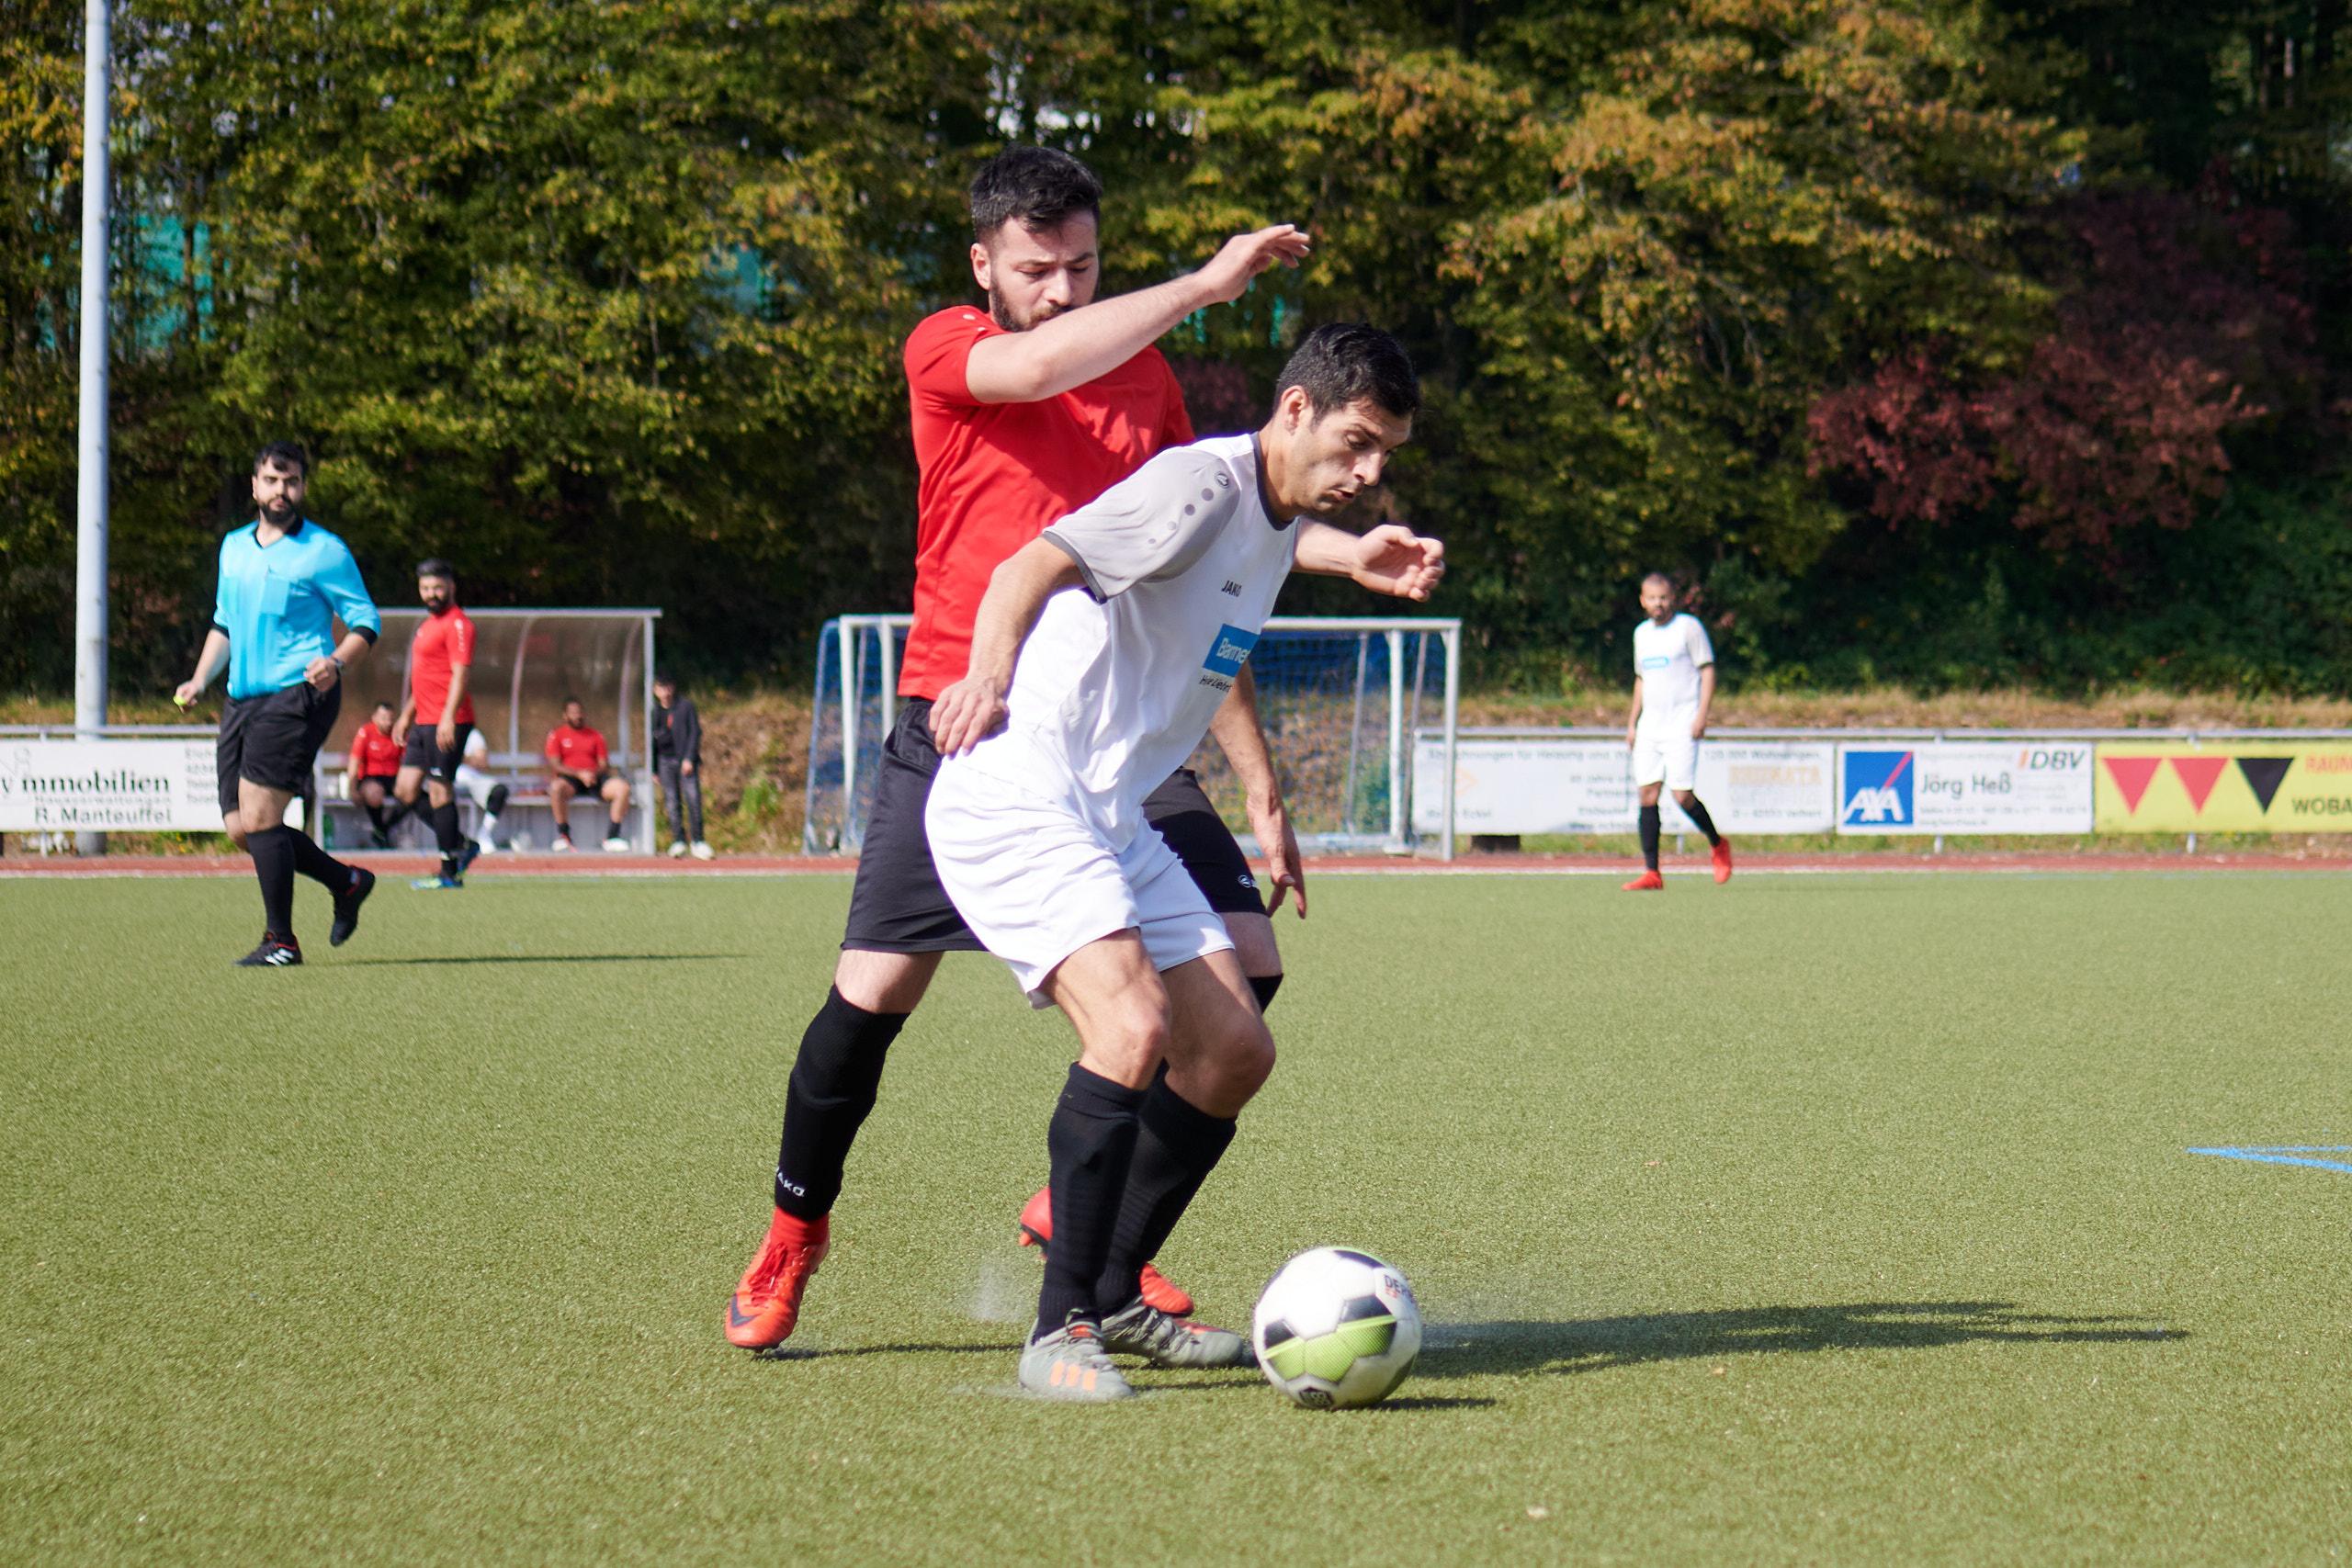 TSV Neviges 4 - SC Victoria Rott 3